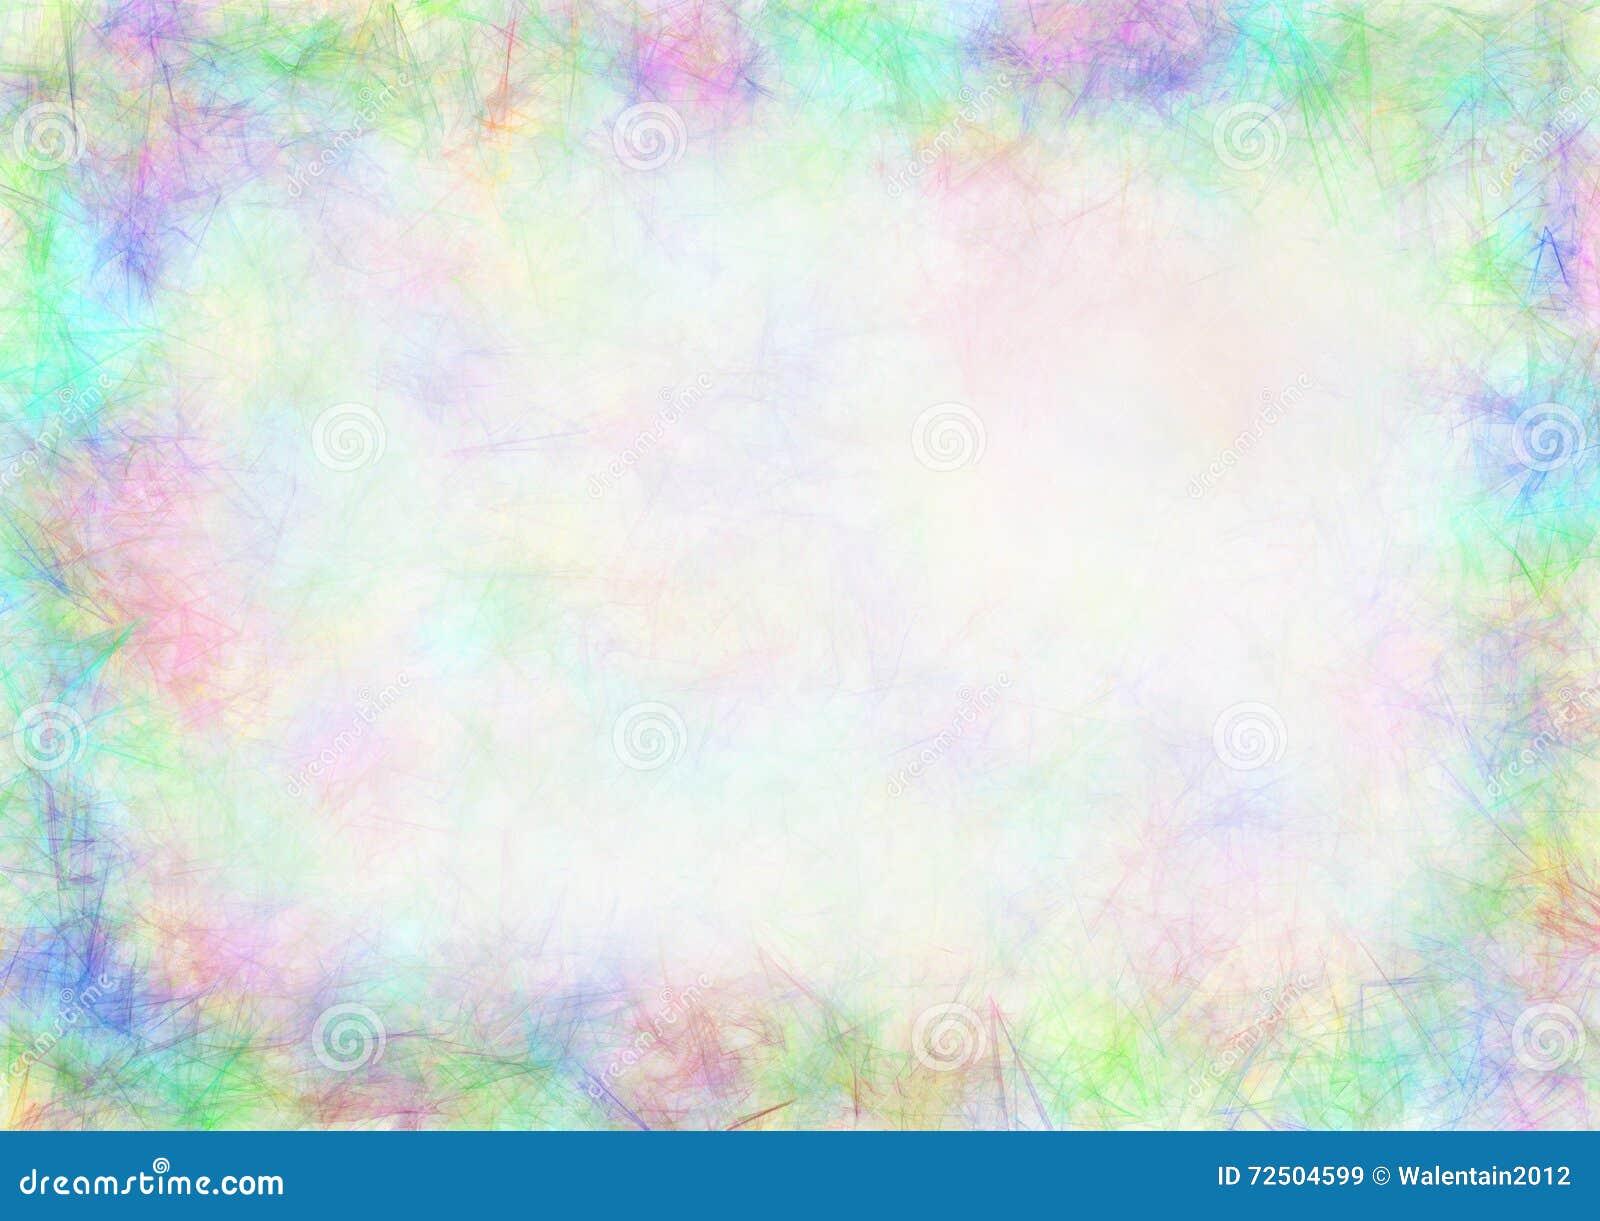 Fondo texturizado dibujado en colores pastel